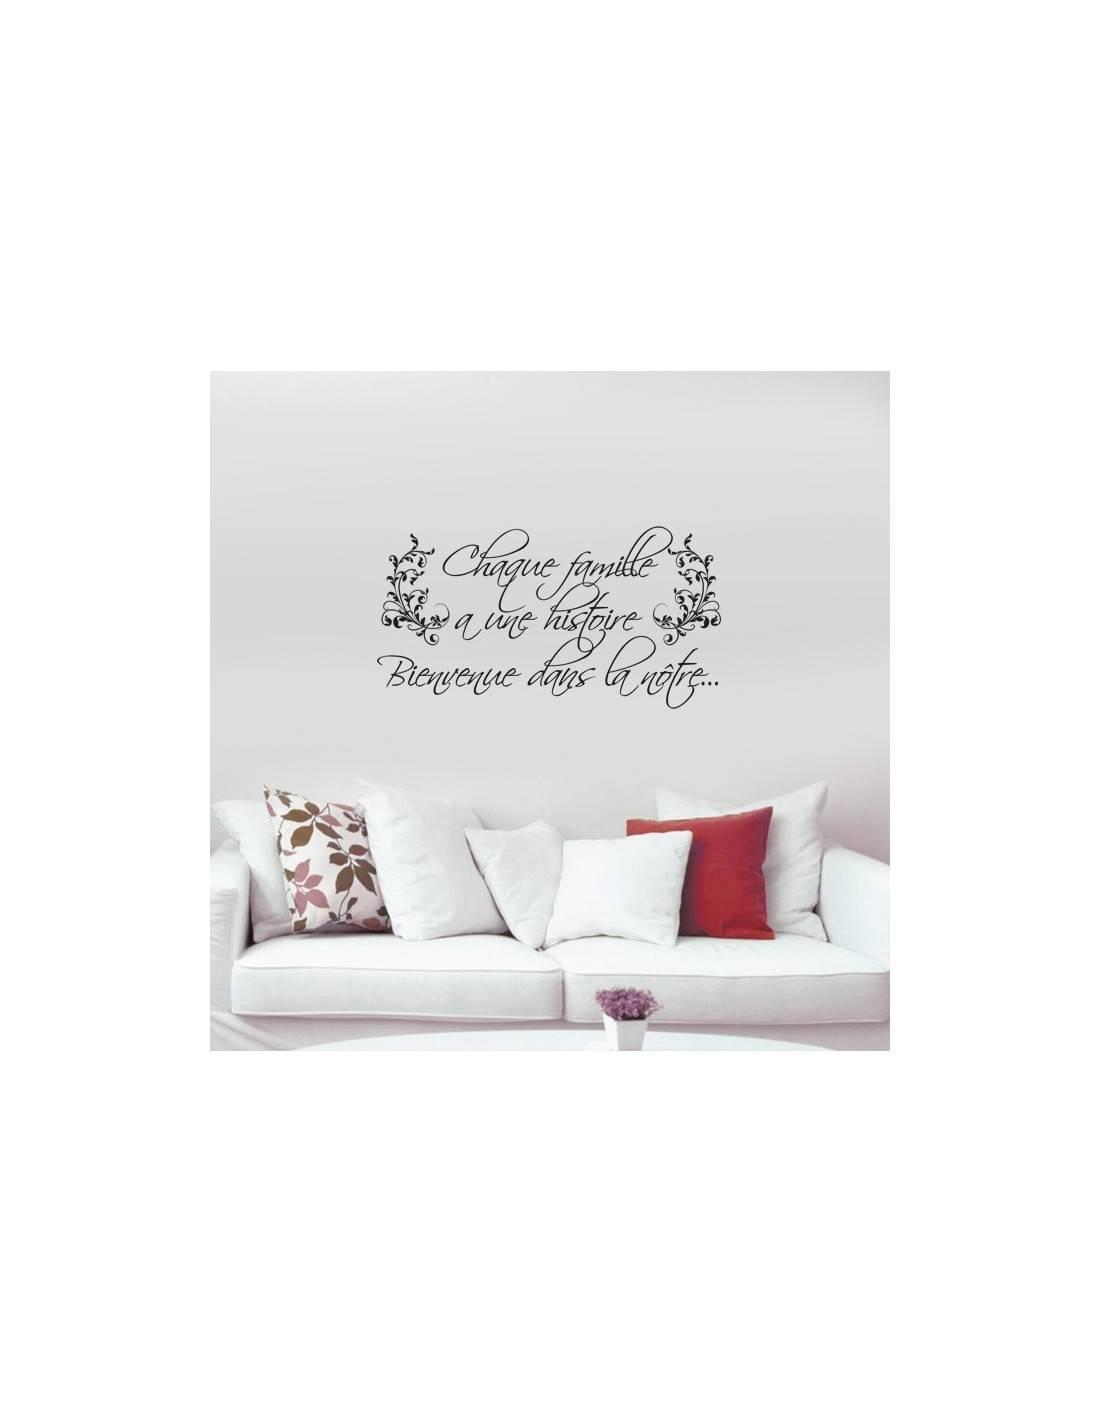 stickers chaque famille a un histoire stickers texte et citation. Black Bedroom Furniture Sets. Home Design Ideas